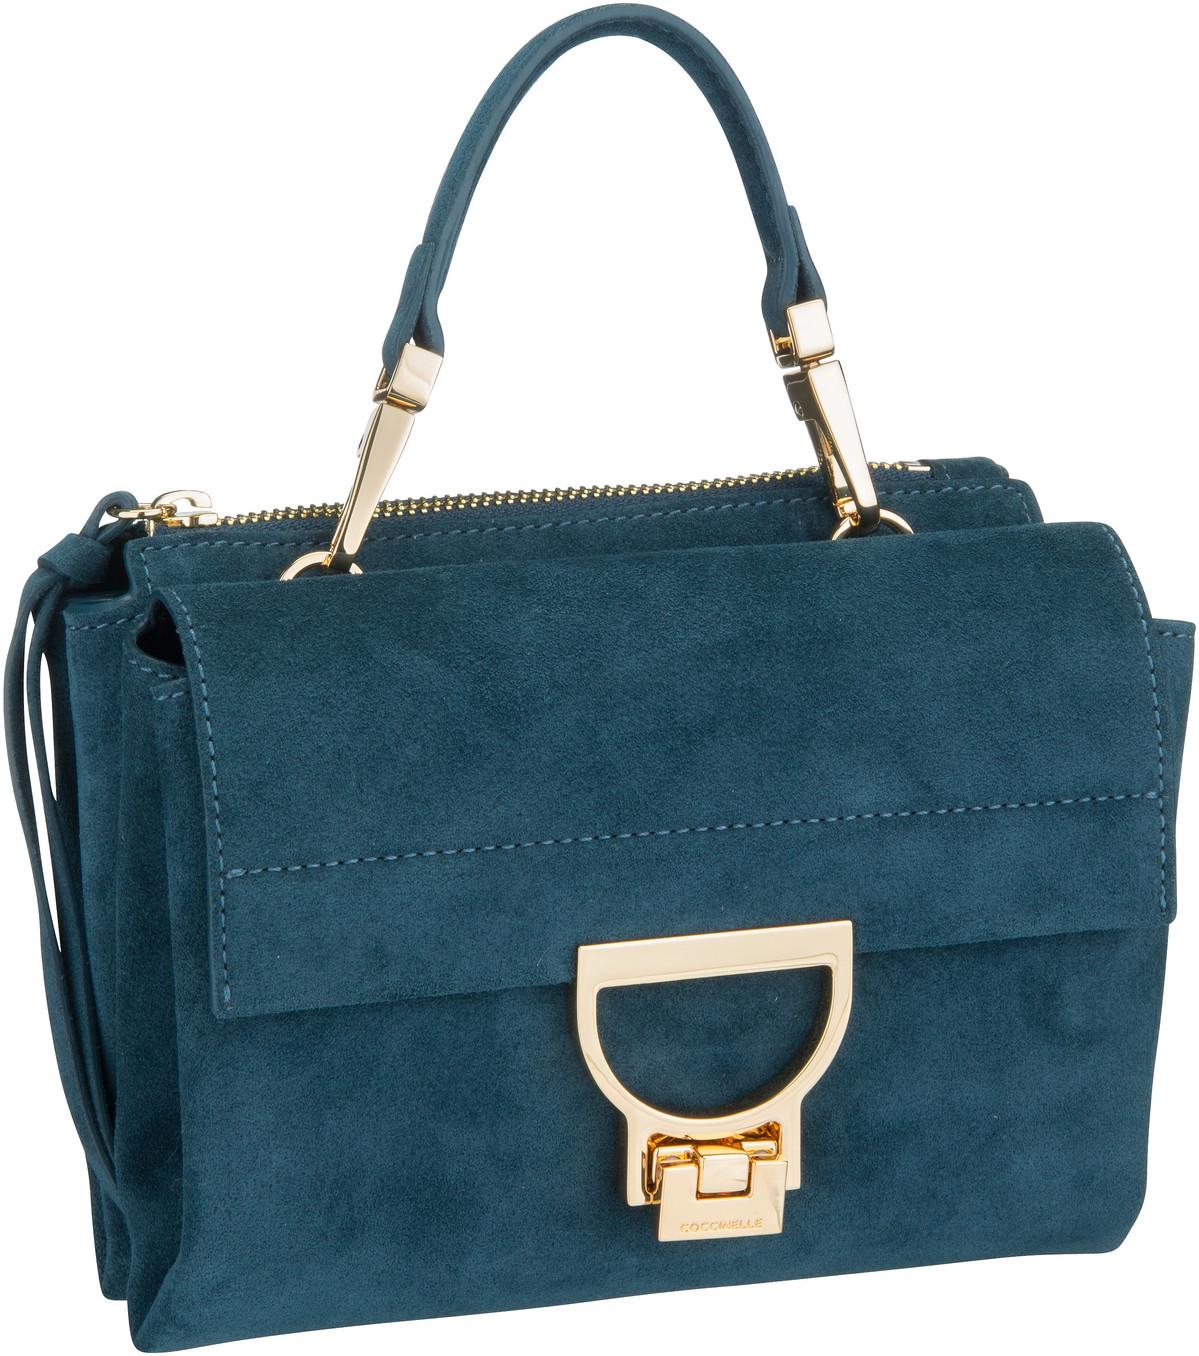 Handtasche Arlettis Suede 55B7 Teal